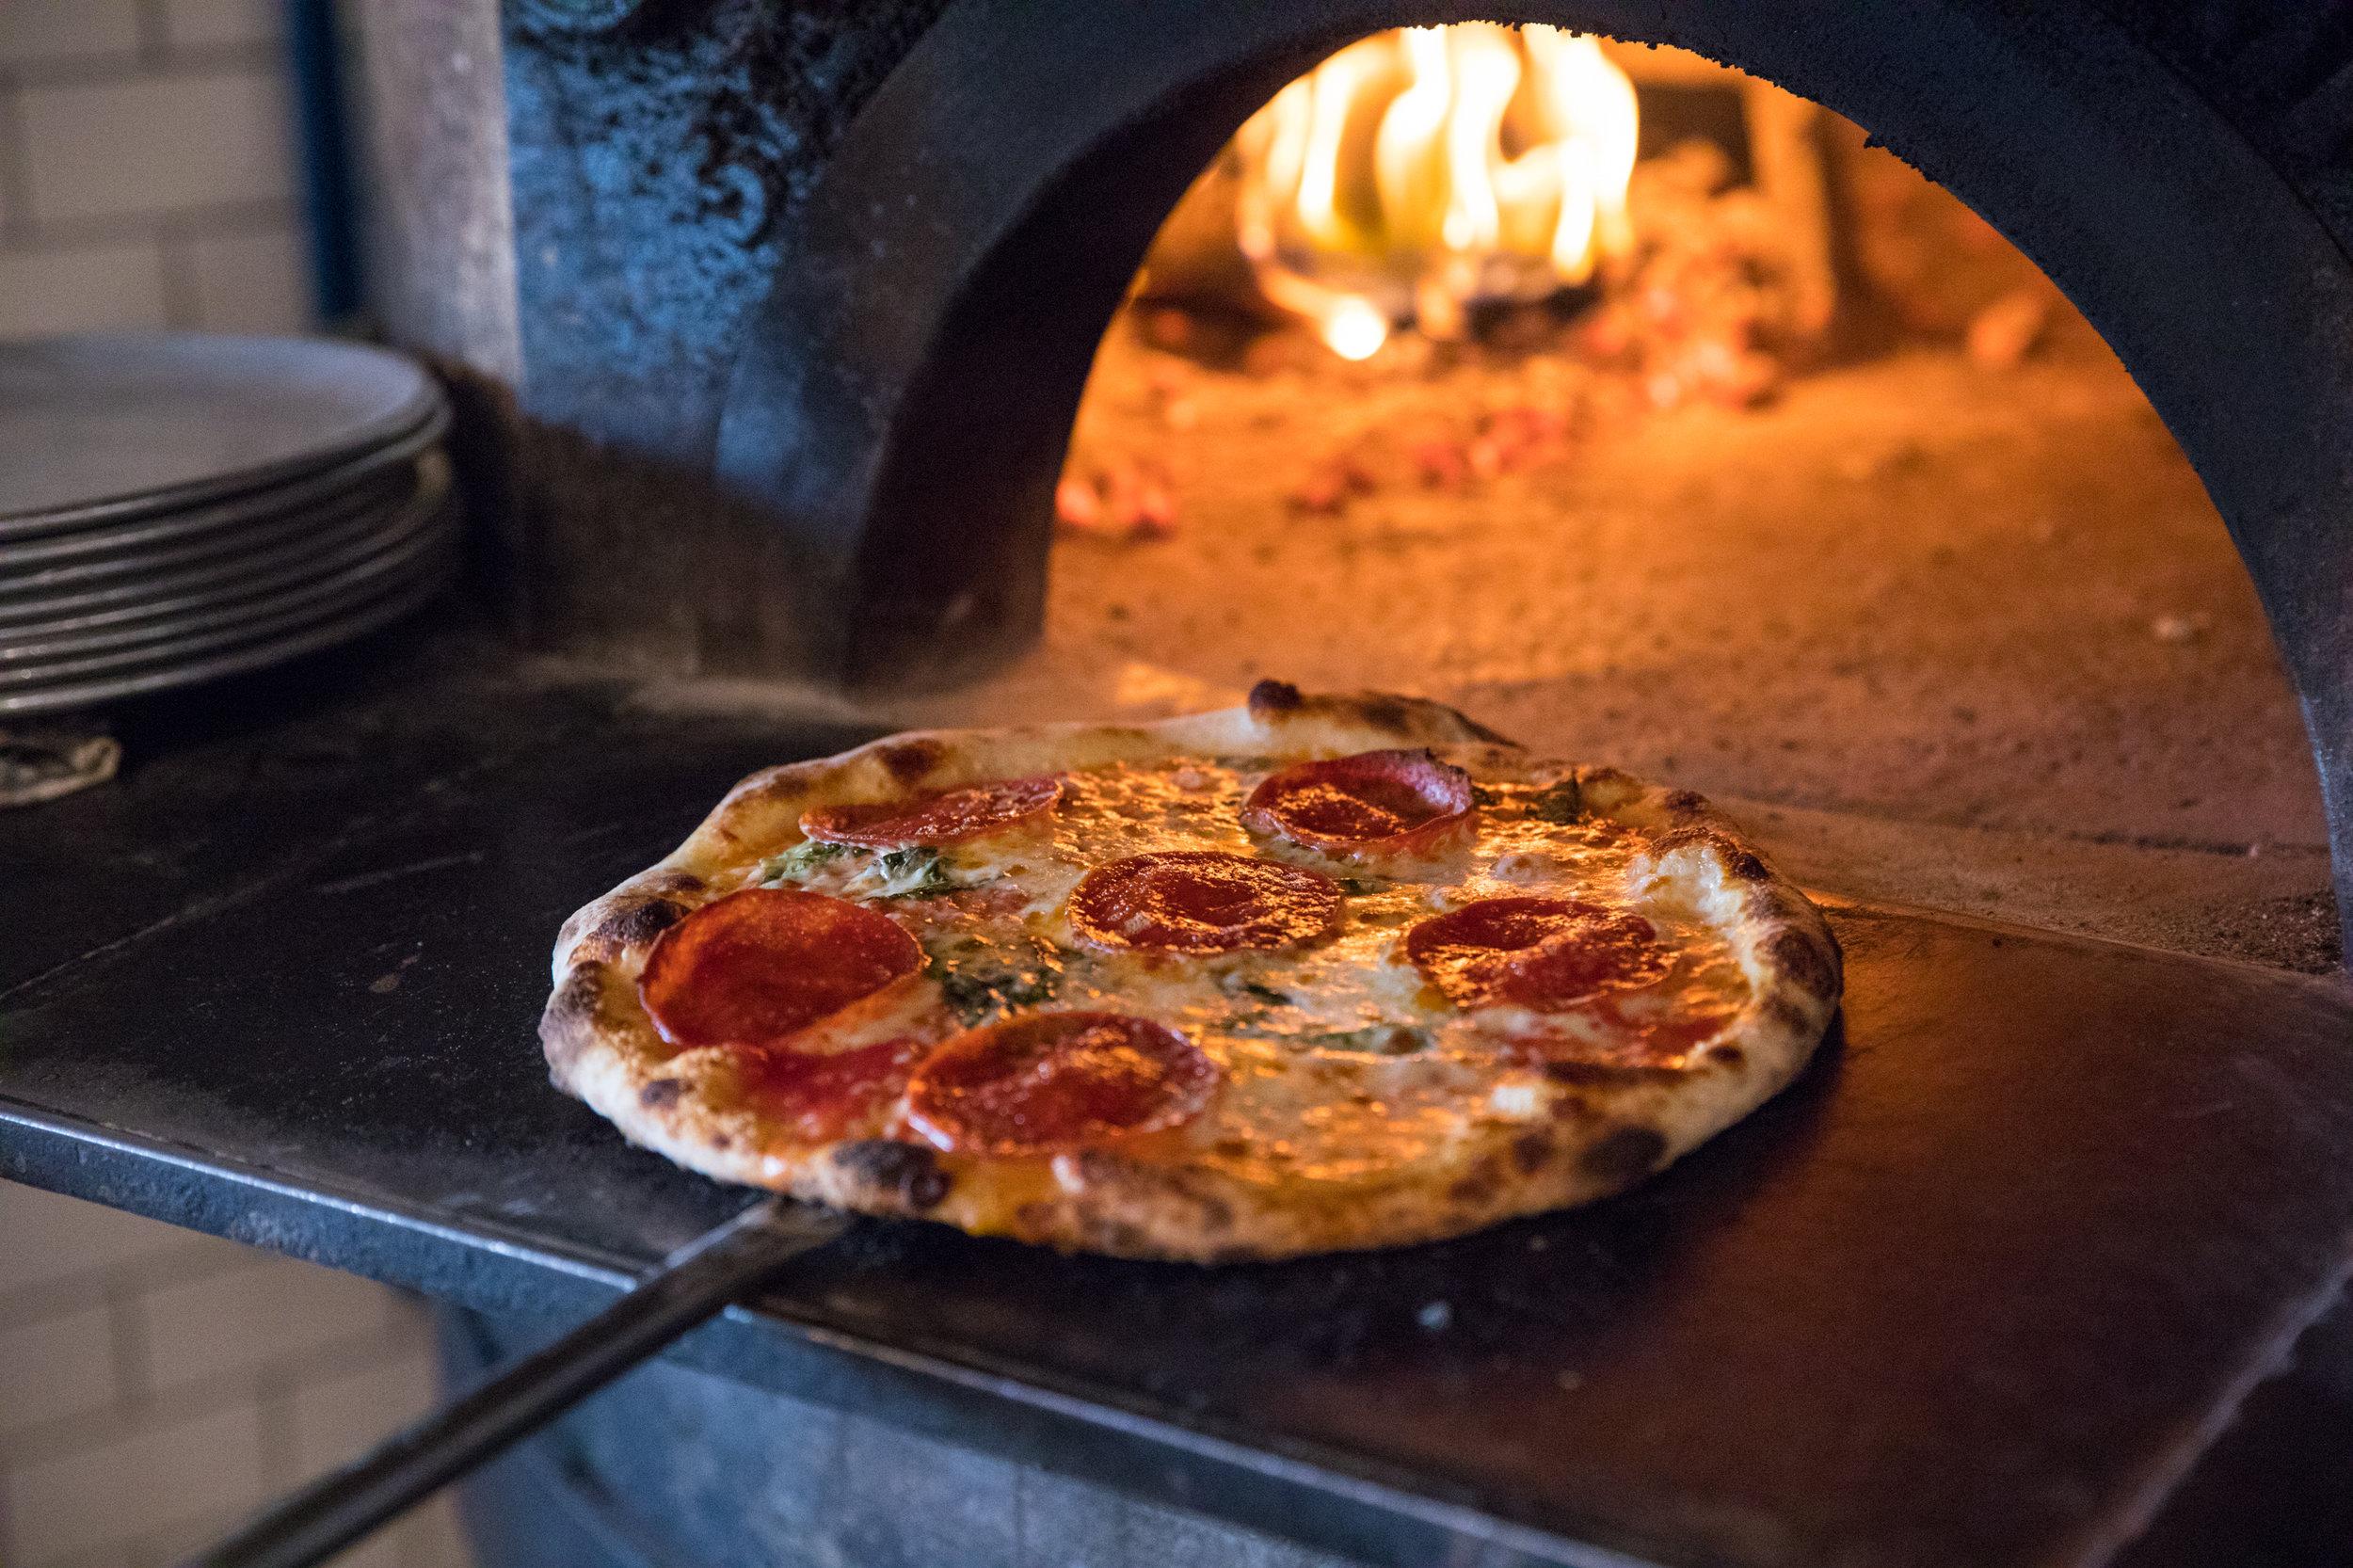 Wildcraft Pizza in Oven